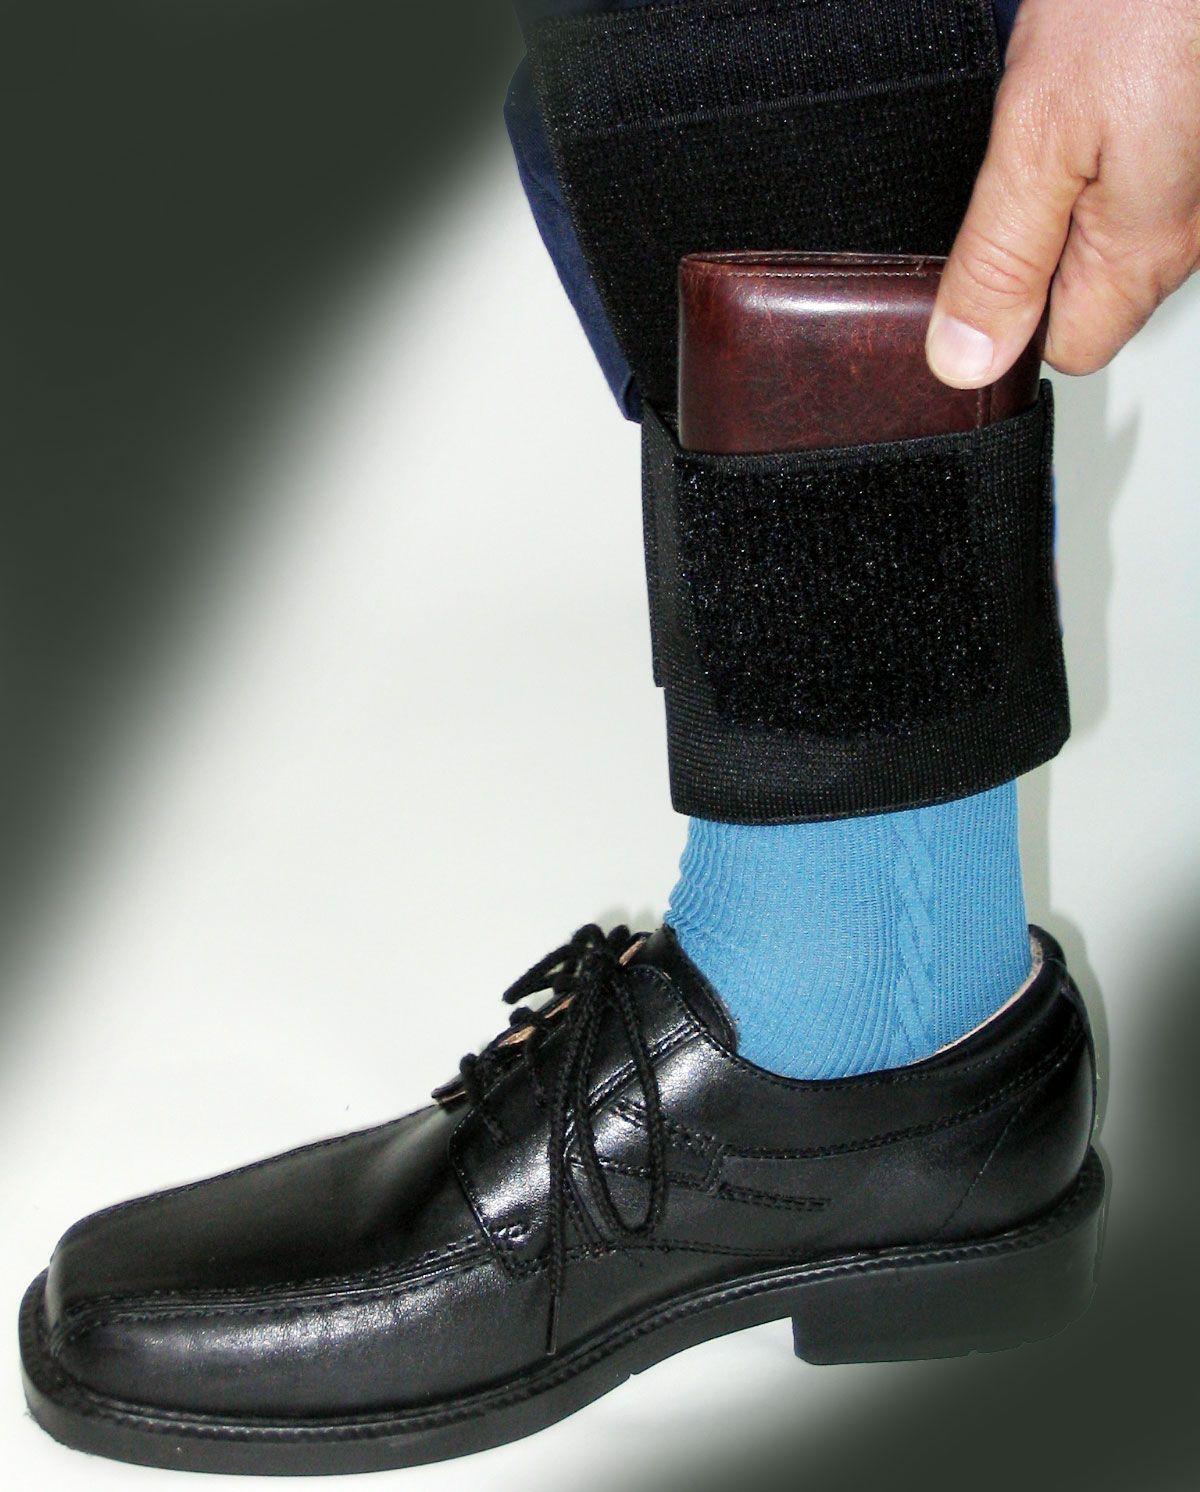 Ankle Safe Dress shoes men, Loafers men, Oxford shoes